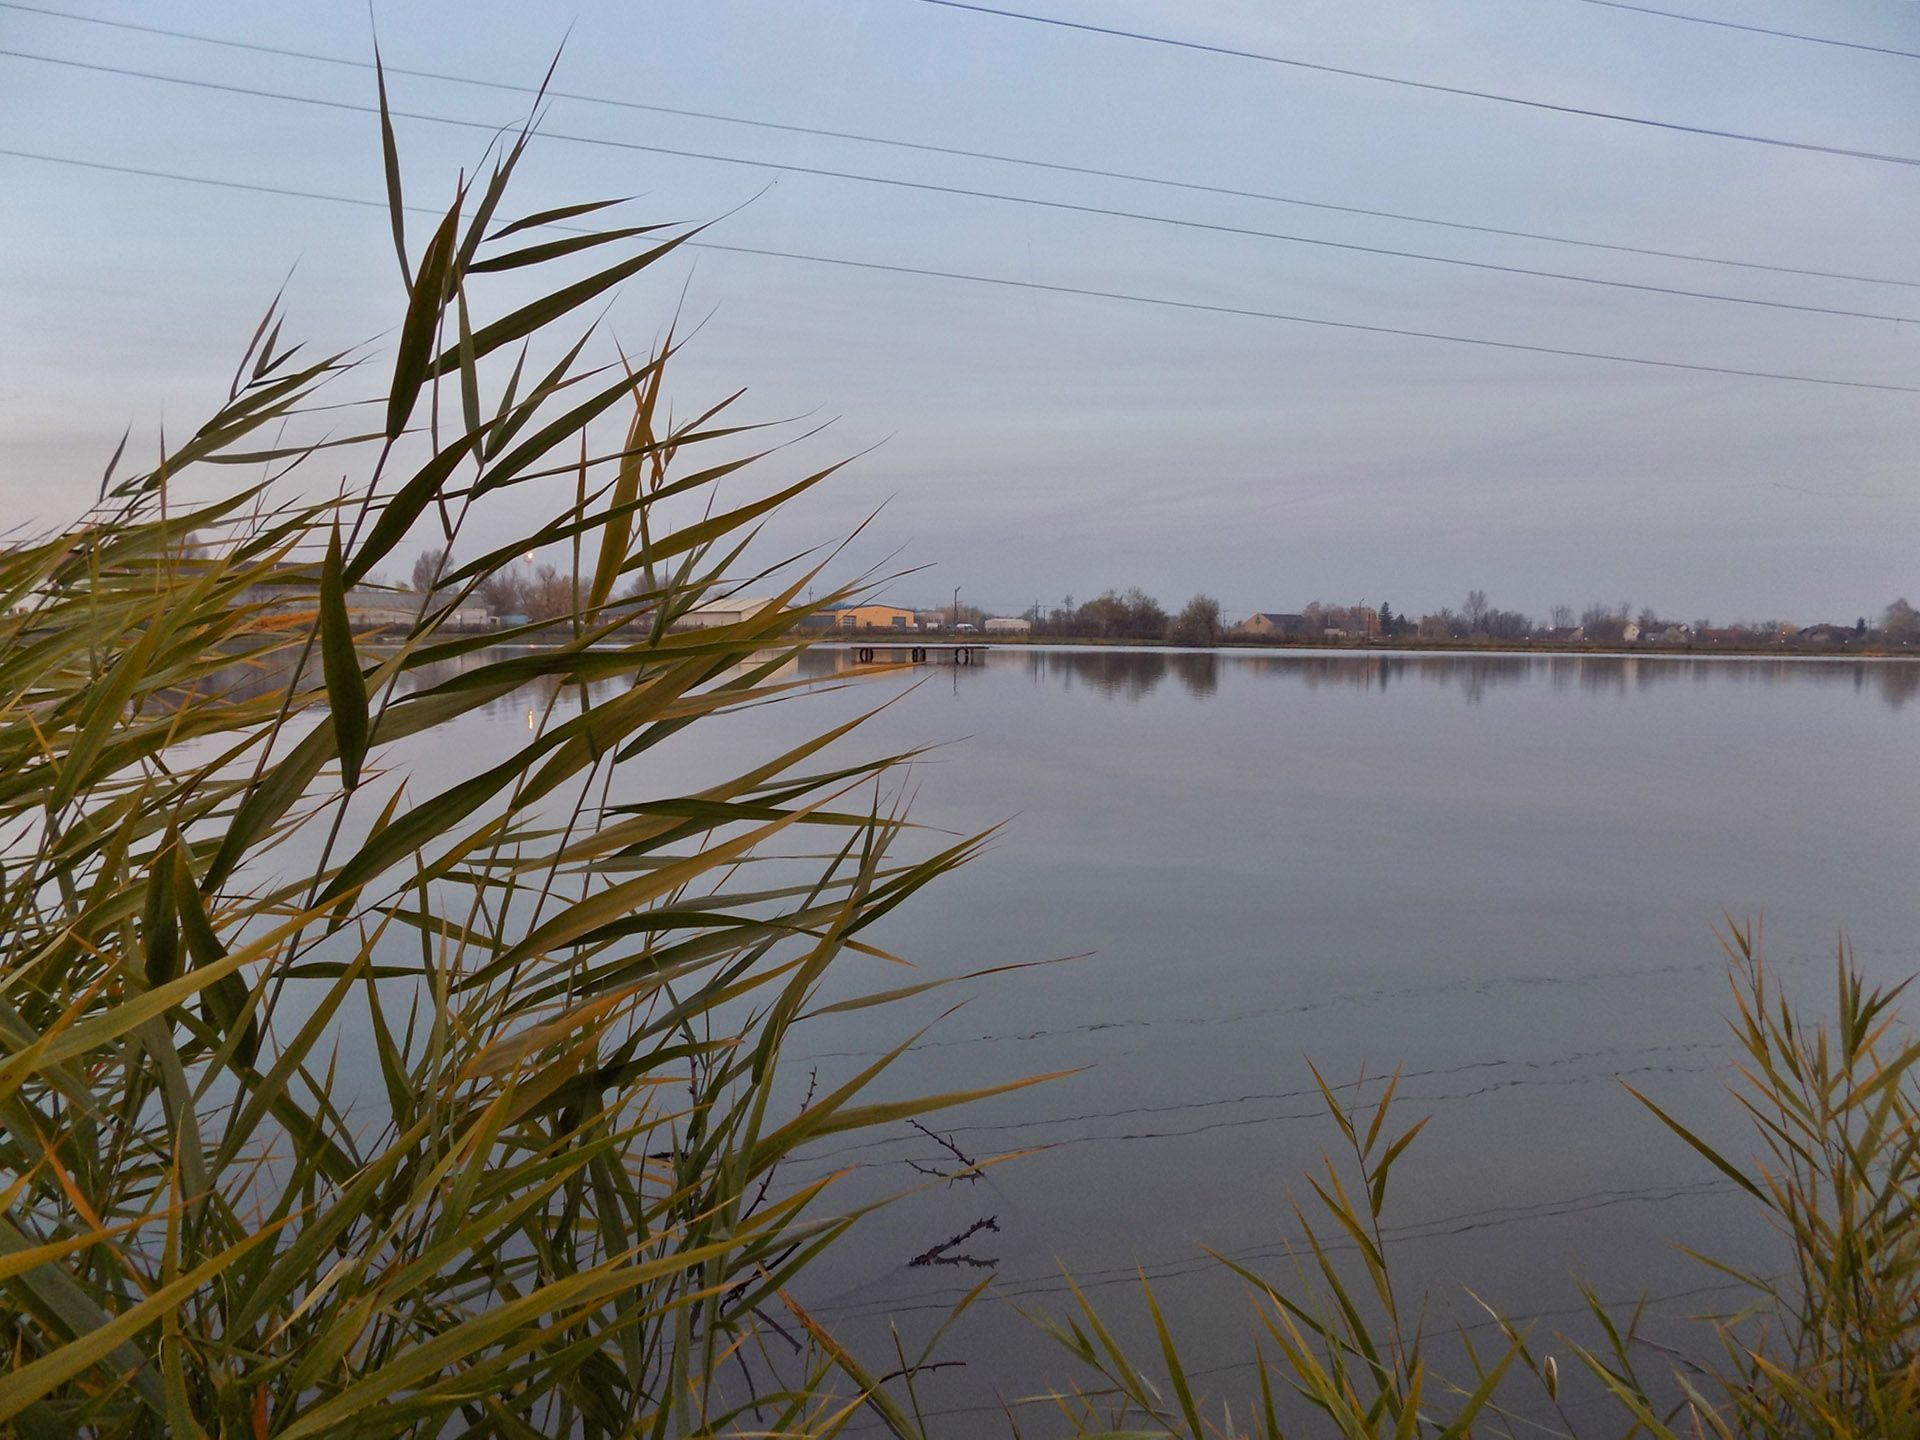 A Lencsés-tó egy 7 hektár kiterjedésű, remekül halasított horgászvíz. Egész évben szép számmal látogatják a horgászok, így a halak el vannak kényeztetve januártól decemberig